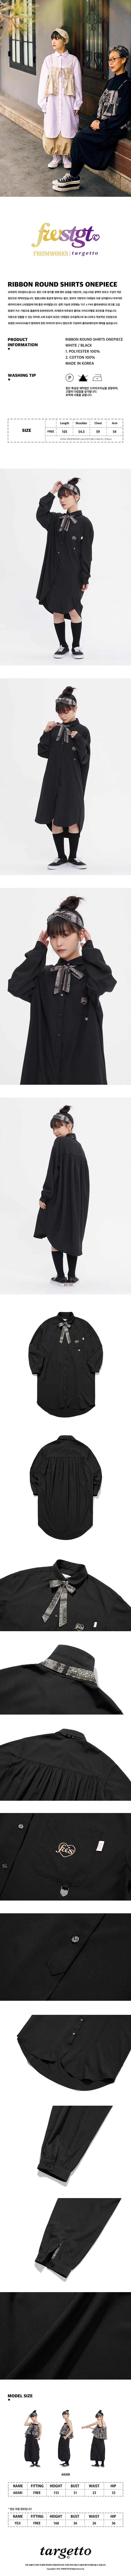 타게토(TARGETTO) [프리즘웍스X타게토]리본 라운드 셔츠 원피스_블랙